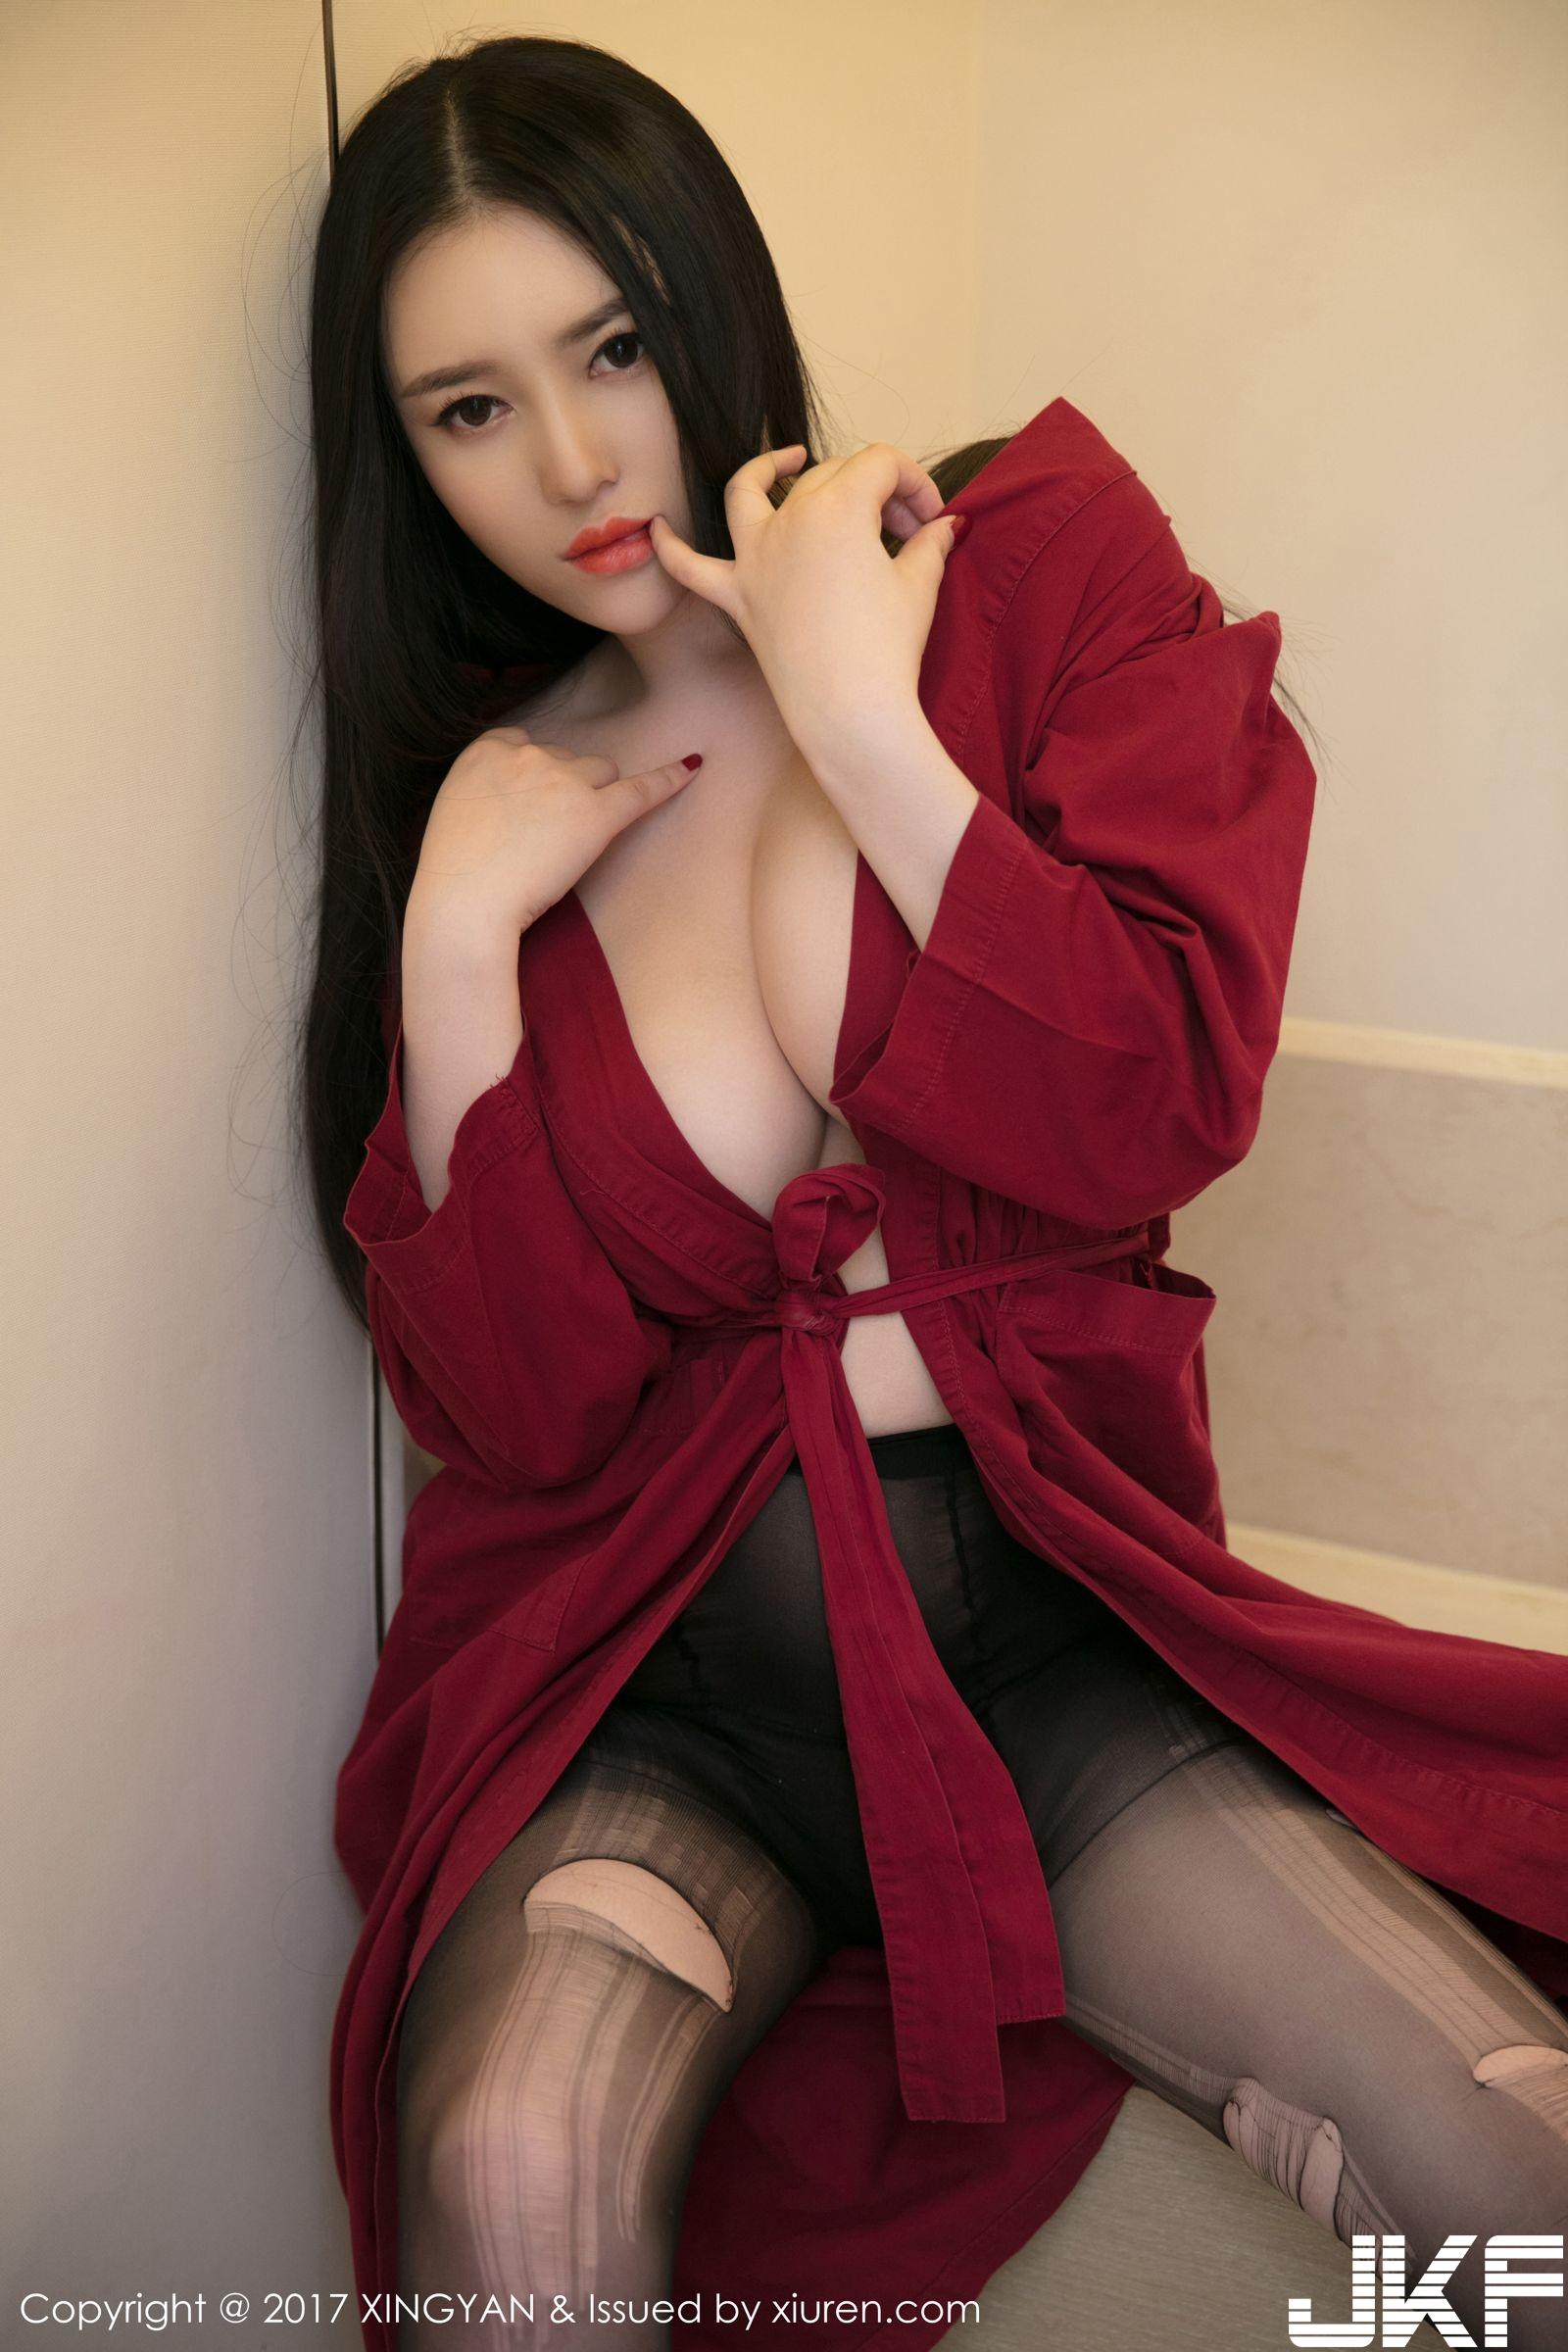 氣質美女恩一 開胸紅裙破絲襪 - 貼圖 - 清涼寫真 -